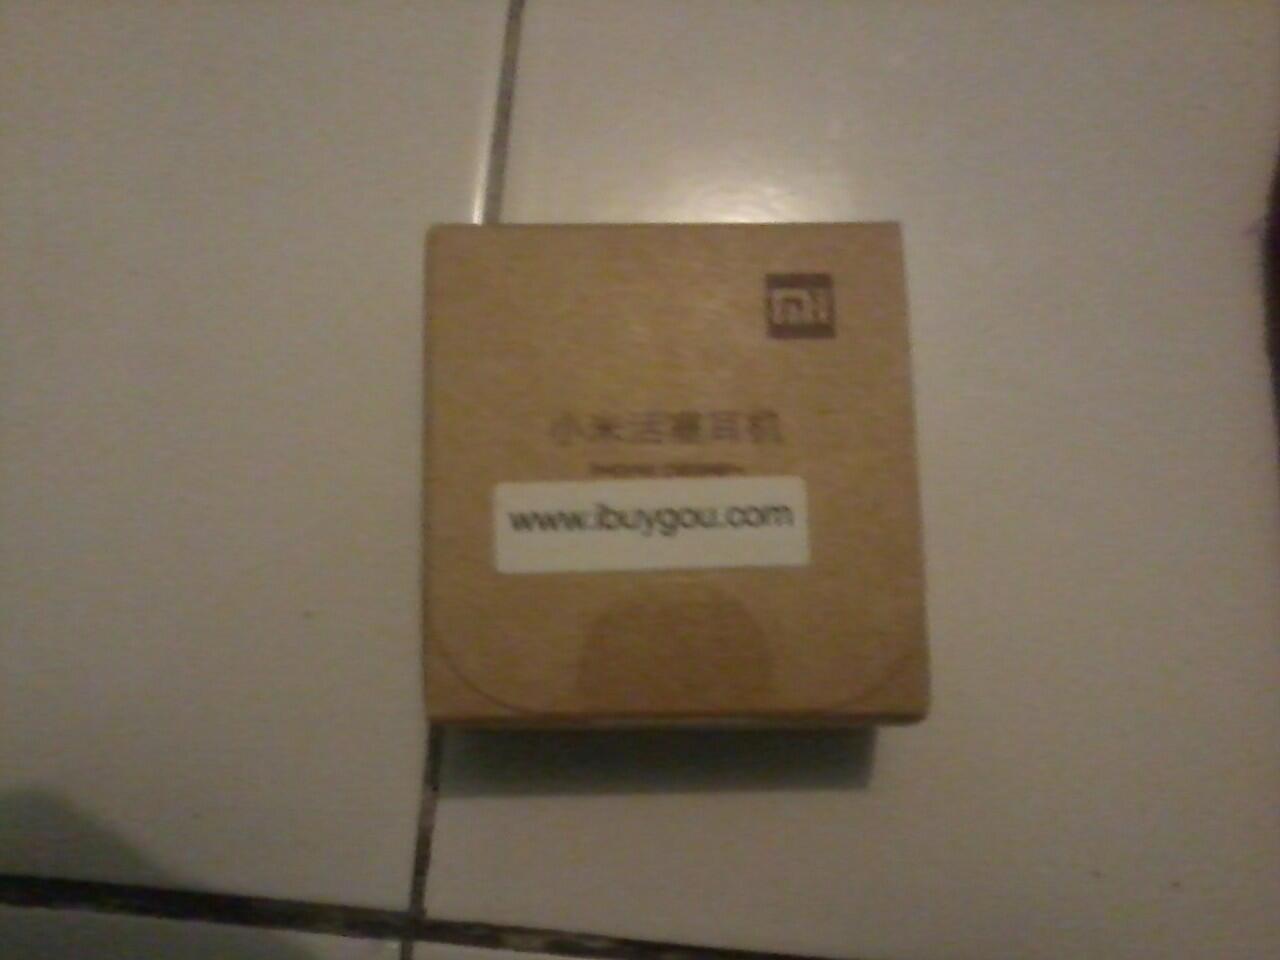 Dijual Baterai Compaq CQ35 dan Toshiba L640 L645 C600 | Murahhhh... | Malang |